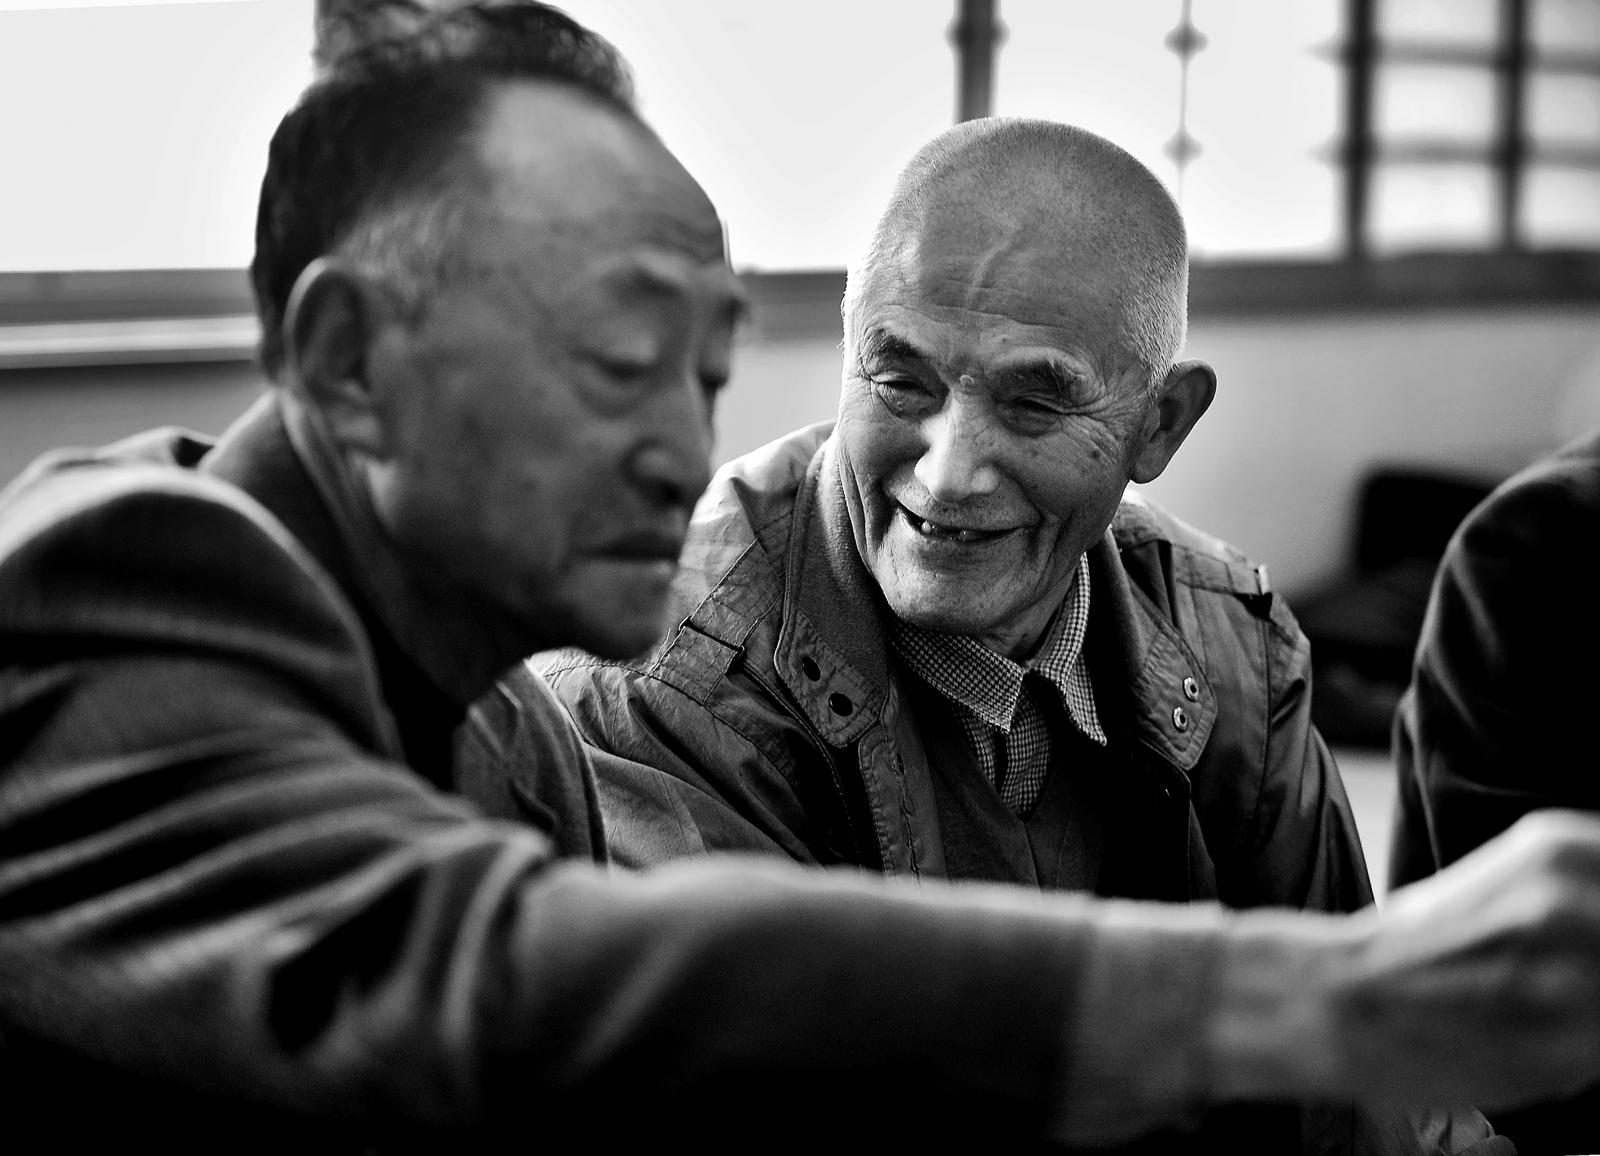 笑顔の長老。齢90歳を越えるが、元気に畑仕事や薪割りに精を出すスーパーお祖父ちゃん。博学で、とても親切な好々爺